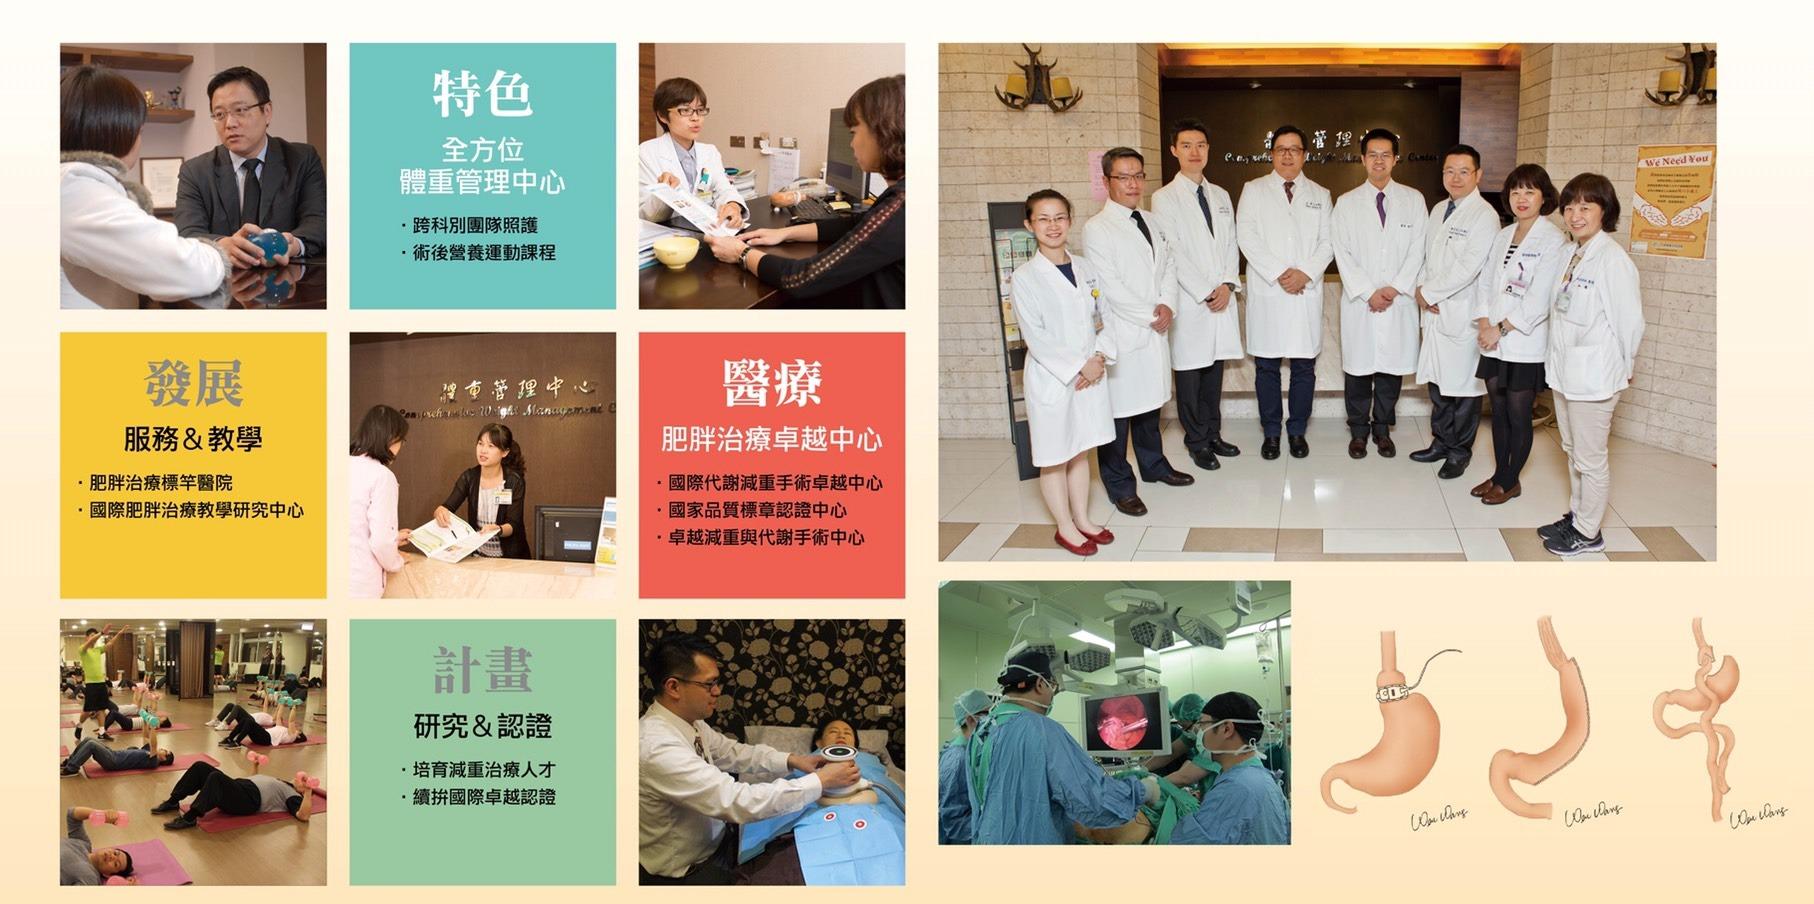 台北醫學院 - 王偉醫師